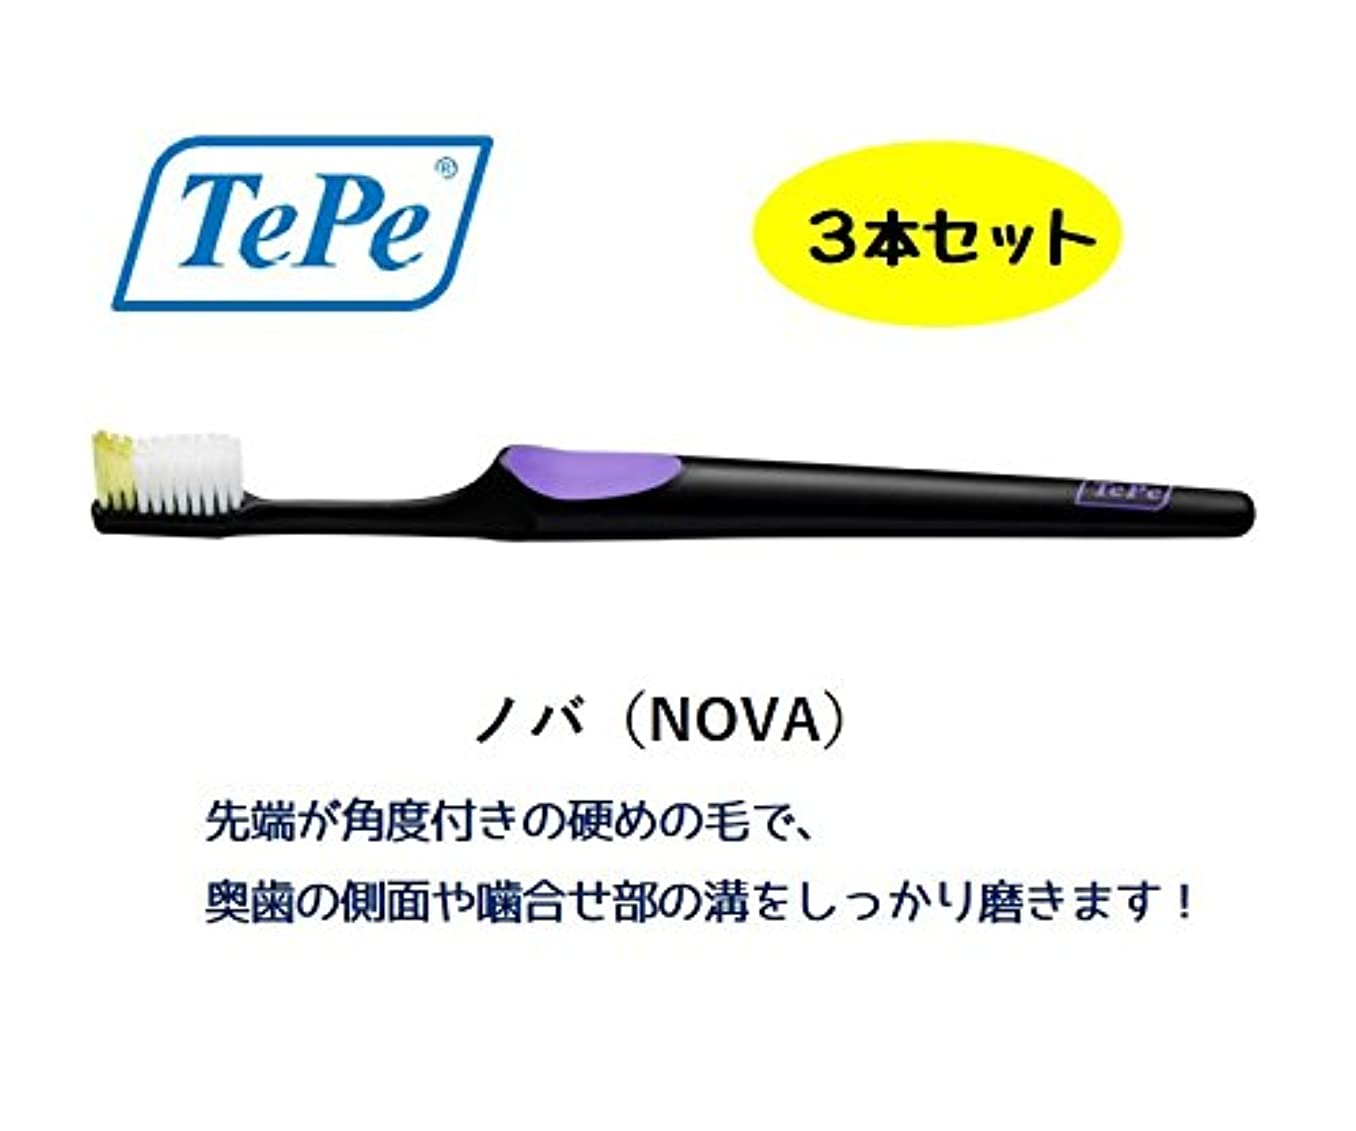 振る舞う化学薬品軽くテペ ノバ ブリスター 3本 TePe NOVA (やわらかめ)